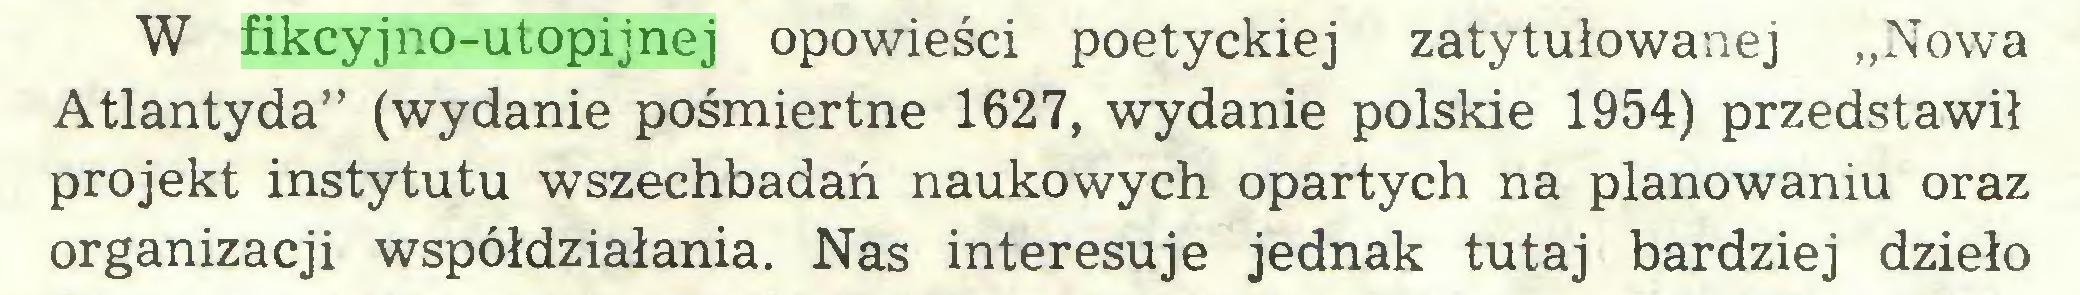 """(...) W fikcyjno-utopijnej opowieści poetyckiej zatytułowanej """"Nowa Atlantyda"""" (wydanie pośmiertne 1627, wydanie polskie 1954) przedstawił projekt instytutu wszechbadań naukowych opartych na planowaniu oraz organizacji współdziałania. Nas interesuje jednak tutaj bardziej dzieło..."""